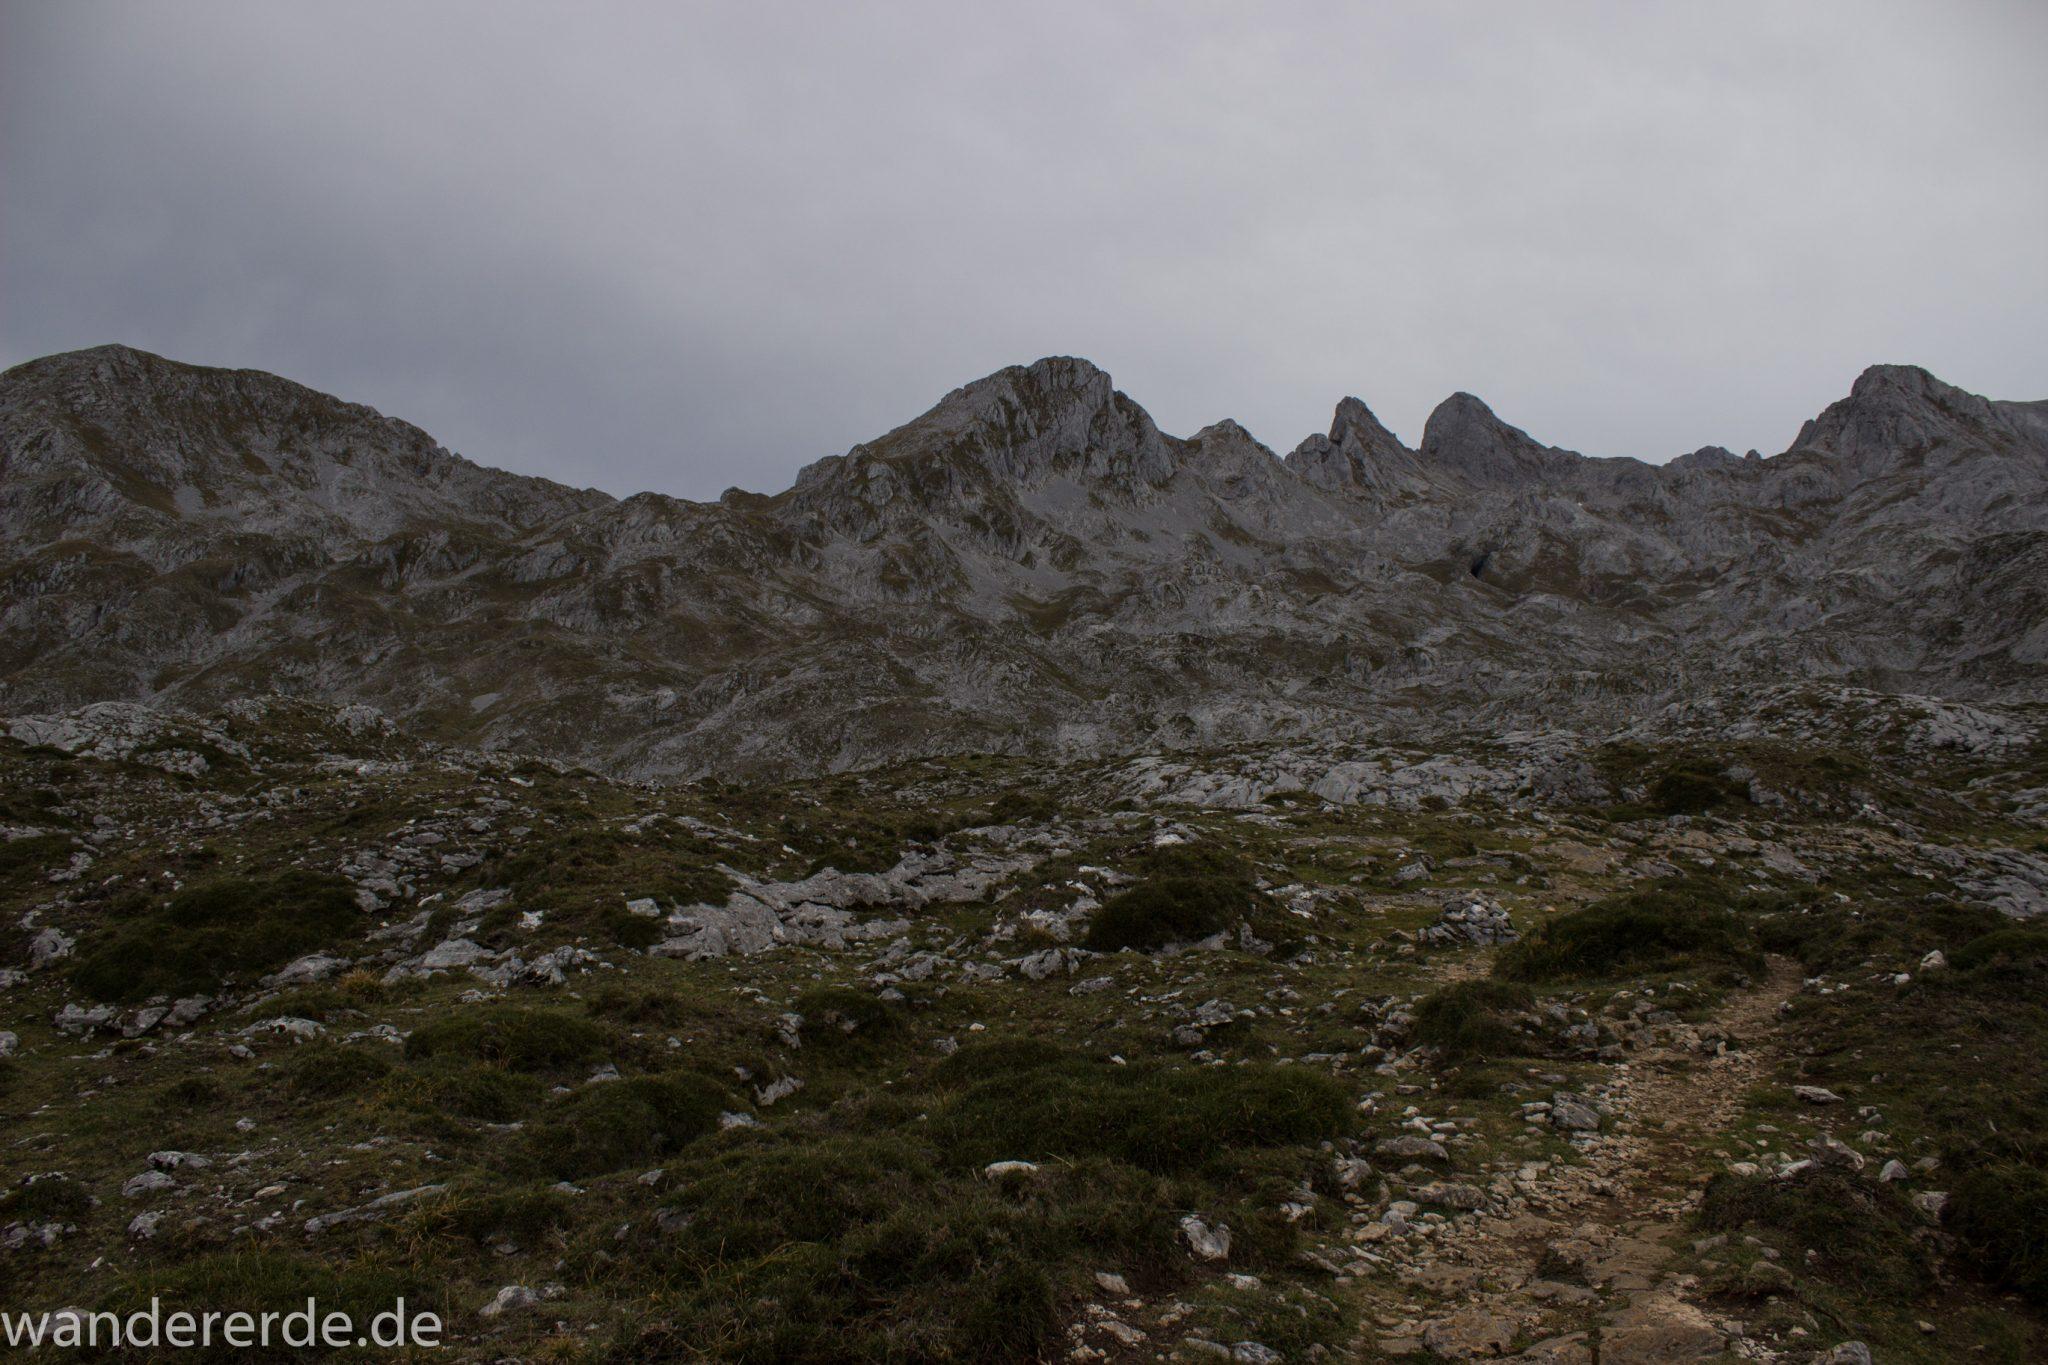 Wanderung Vega de Ario Picos de Europa Spanien, dichte Wolken, Bergregion in Nordspanien, Wandern, zerklüftete Felsen, Steine, schmaler Wanderpfad, Wolken, atmosphärisch, Bergkette